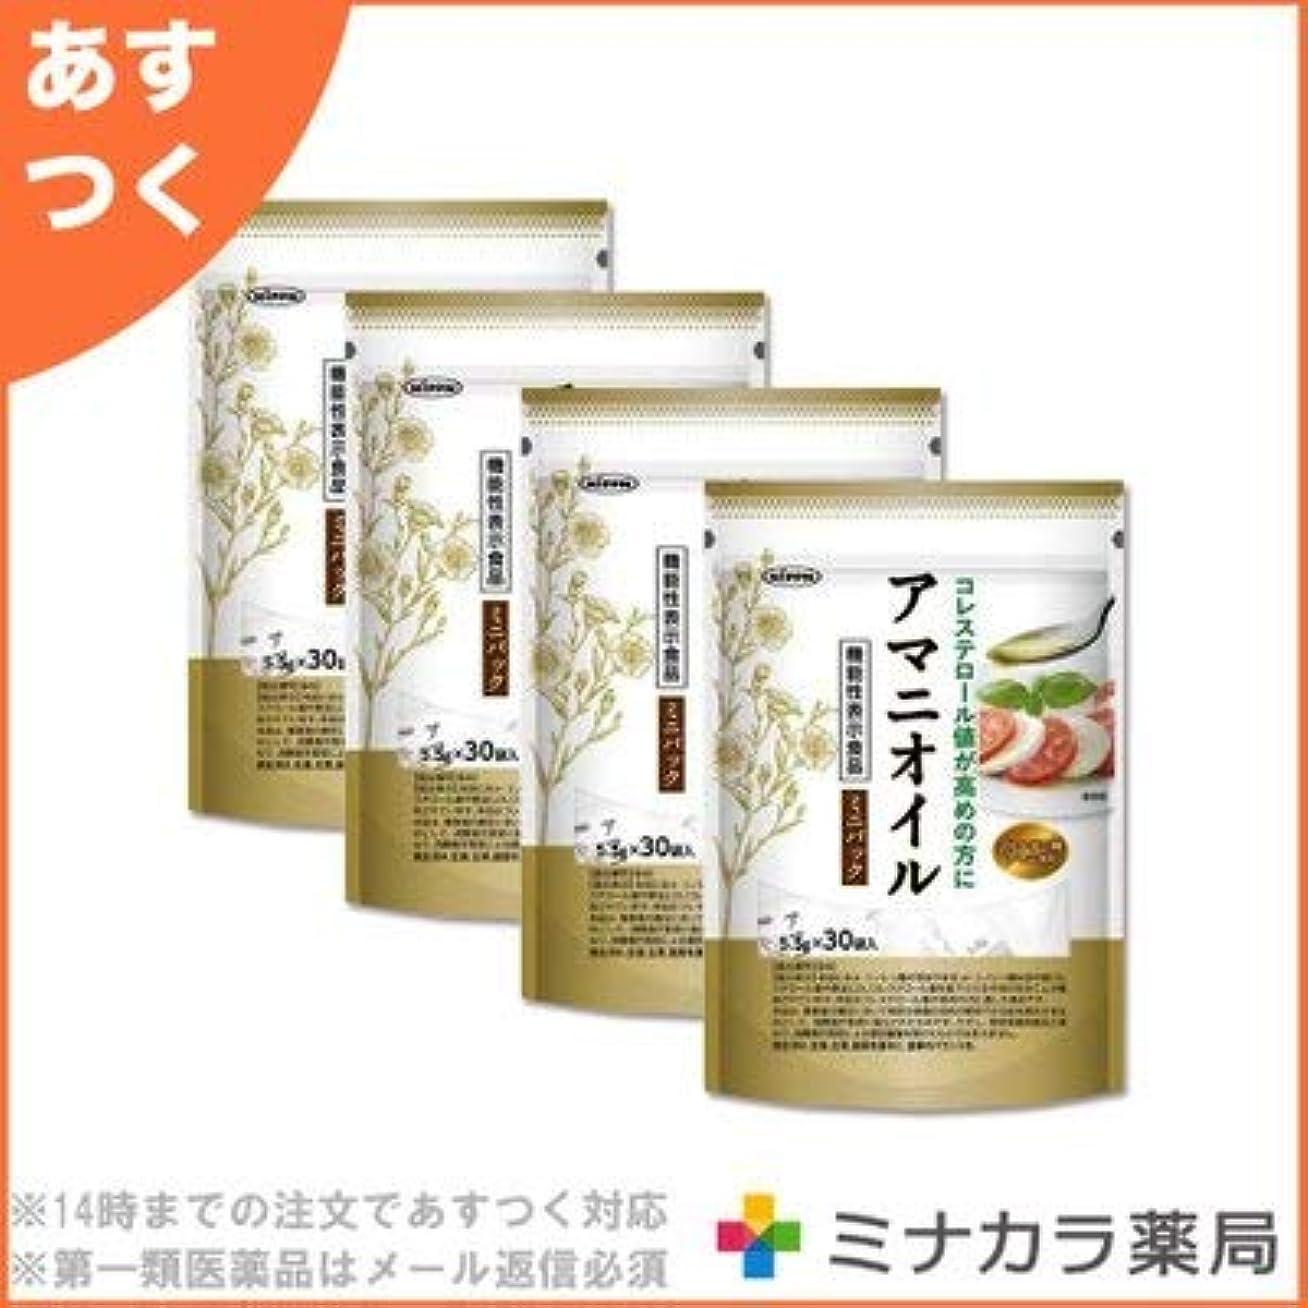 三十チーズ財団日本製粉 アマニオイル ミニパック 5.5g×30 (機能性表示食品)×4個セット